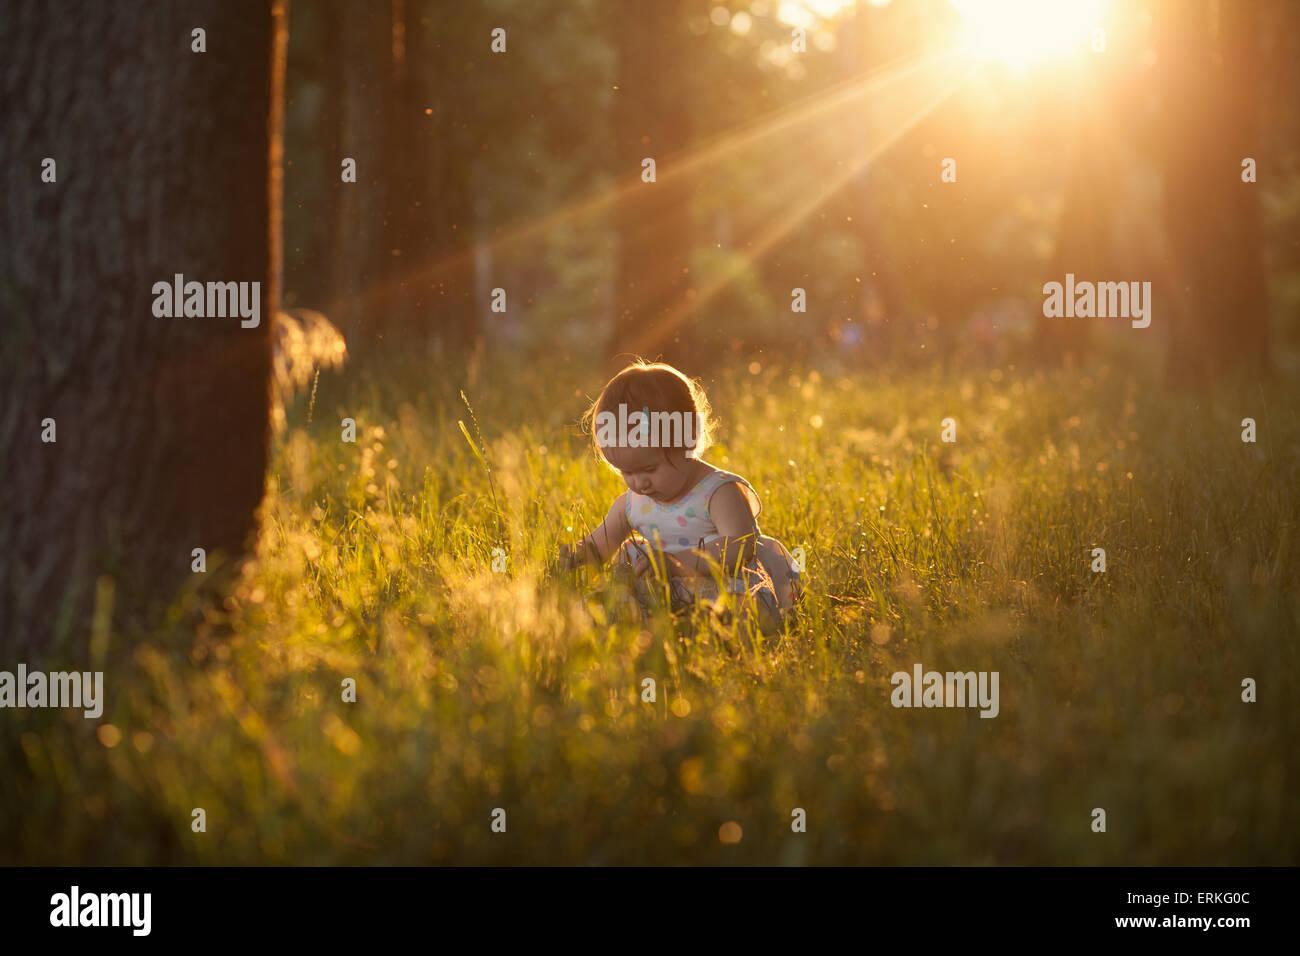 Hermosa toma de jugar al bebé en luces al atardecer Imagen De Stock